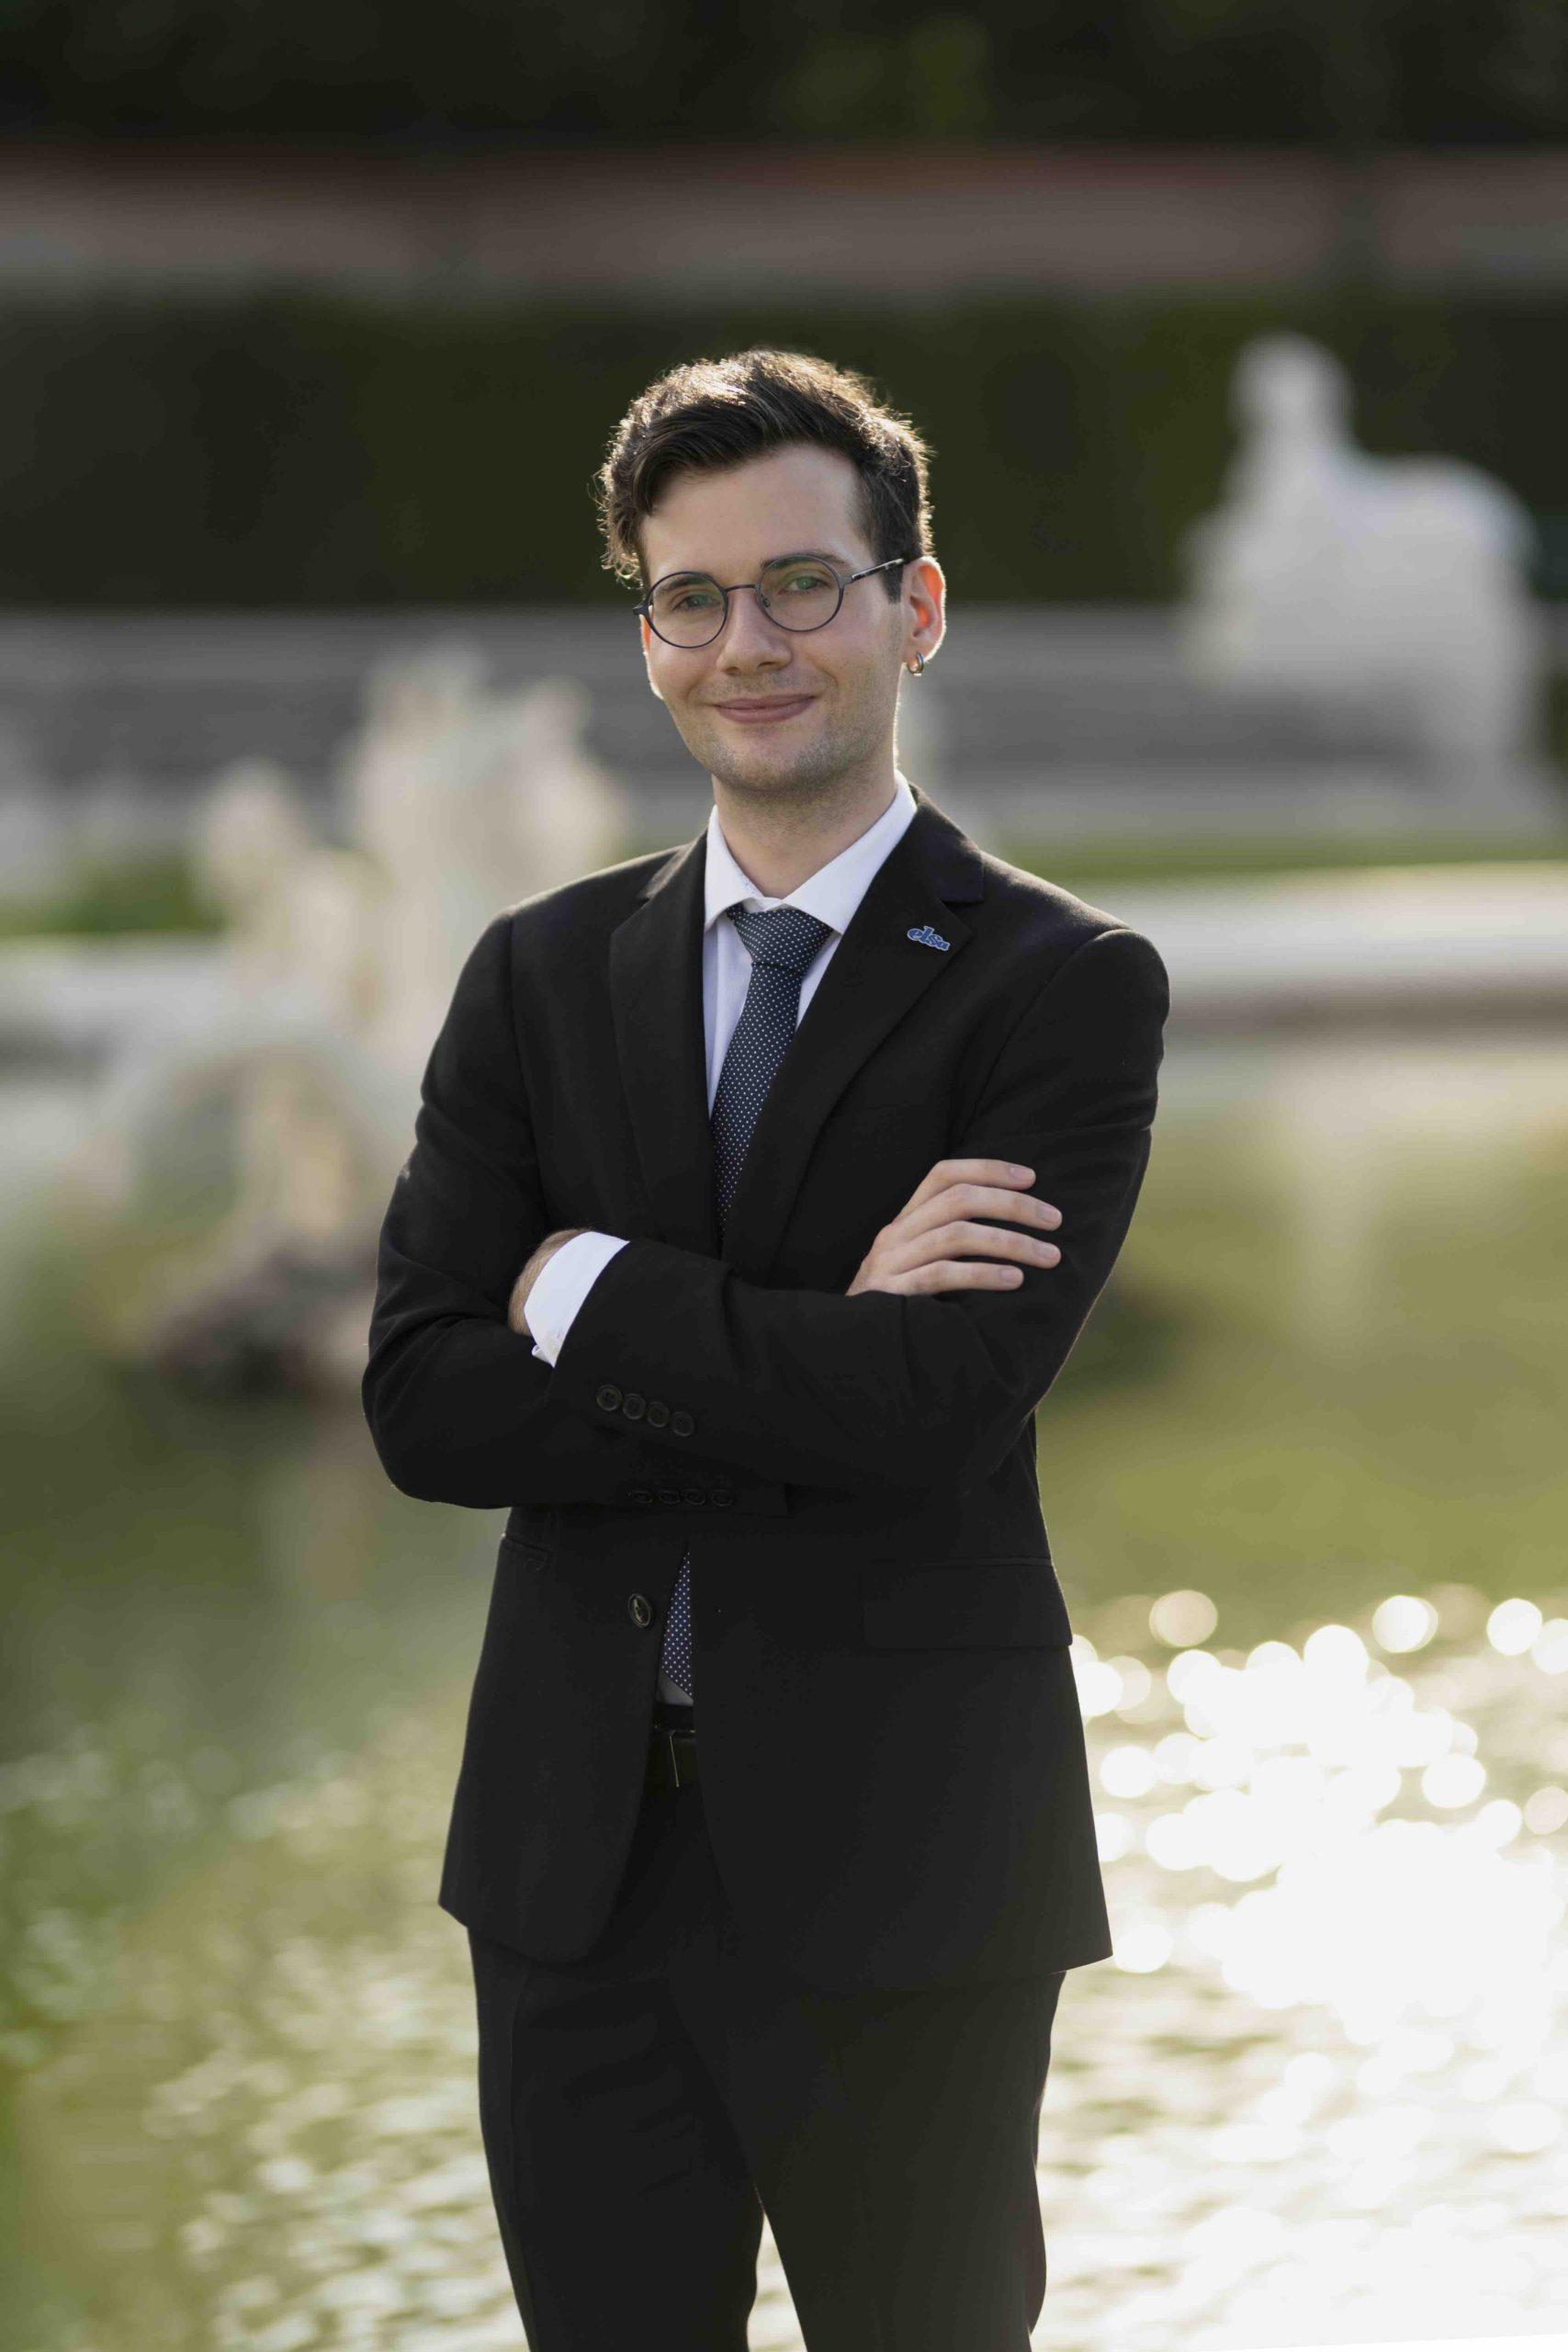 Daniel Mayr